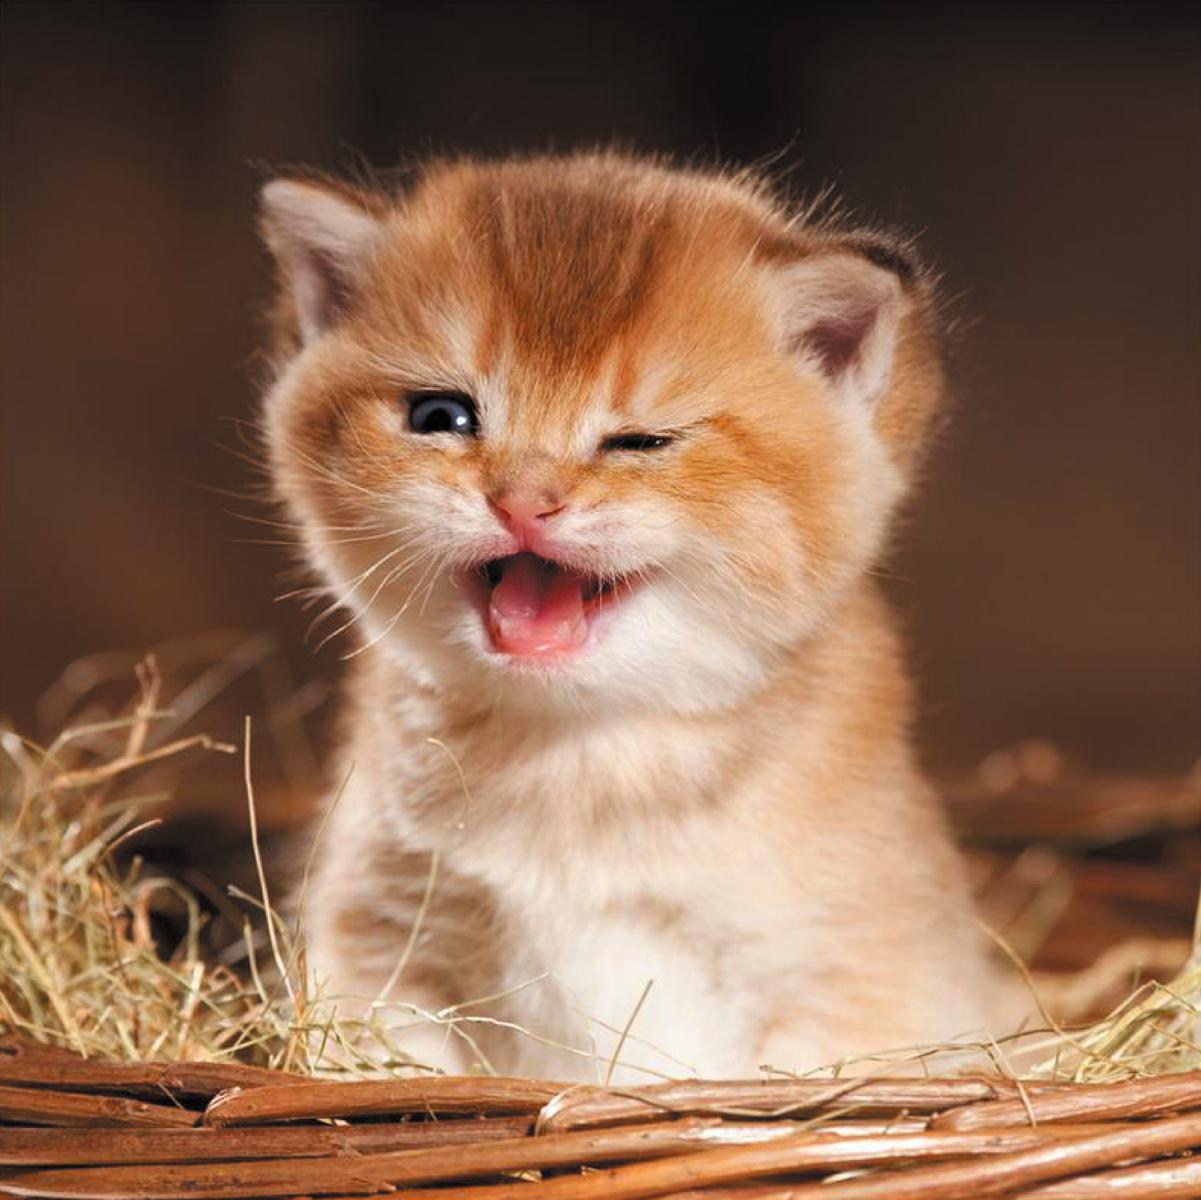 Картинки с котятами прикольные фото